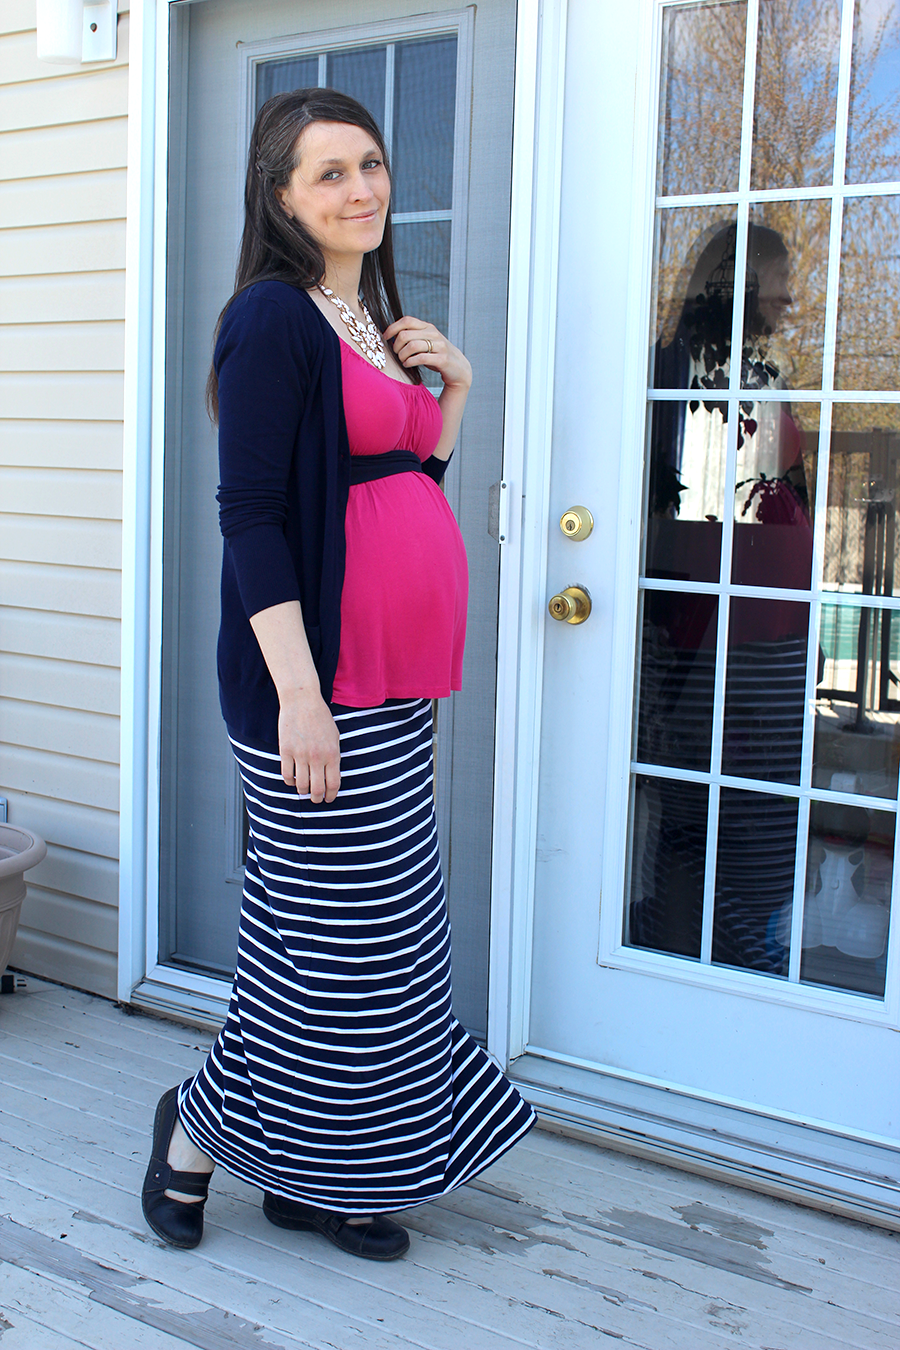 julie claveau 33 weeks pregnant.png